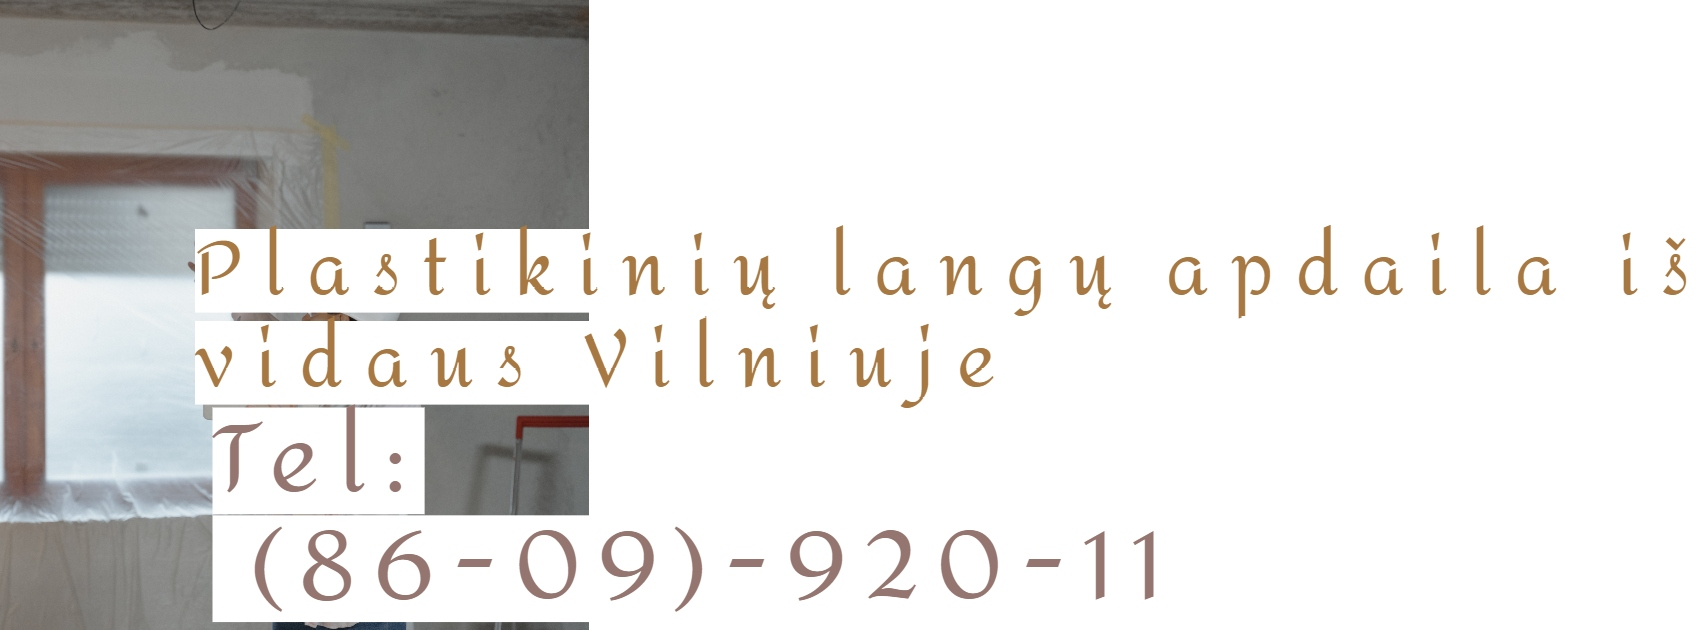 plastikiniu-langu-apdaila-is-vidaus-vilniuje-jpg-1